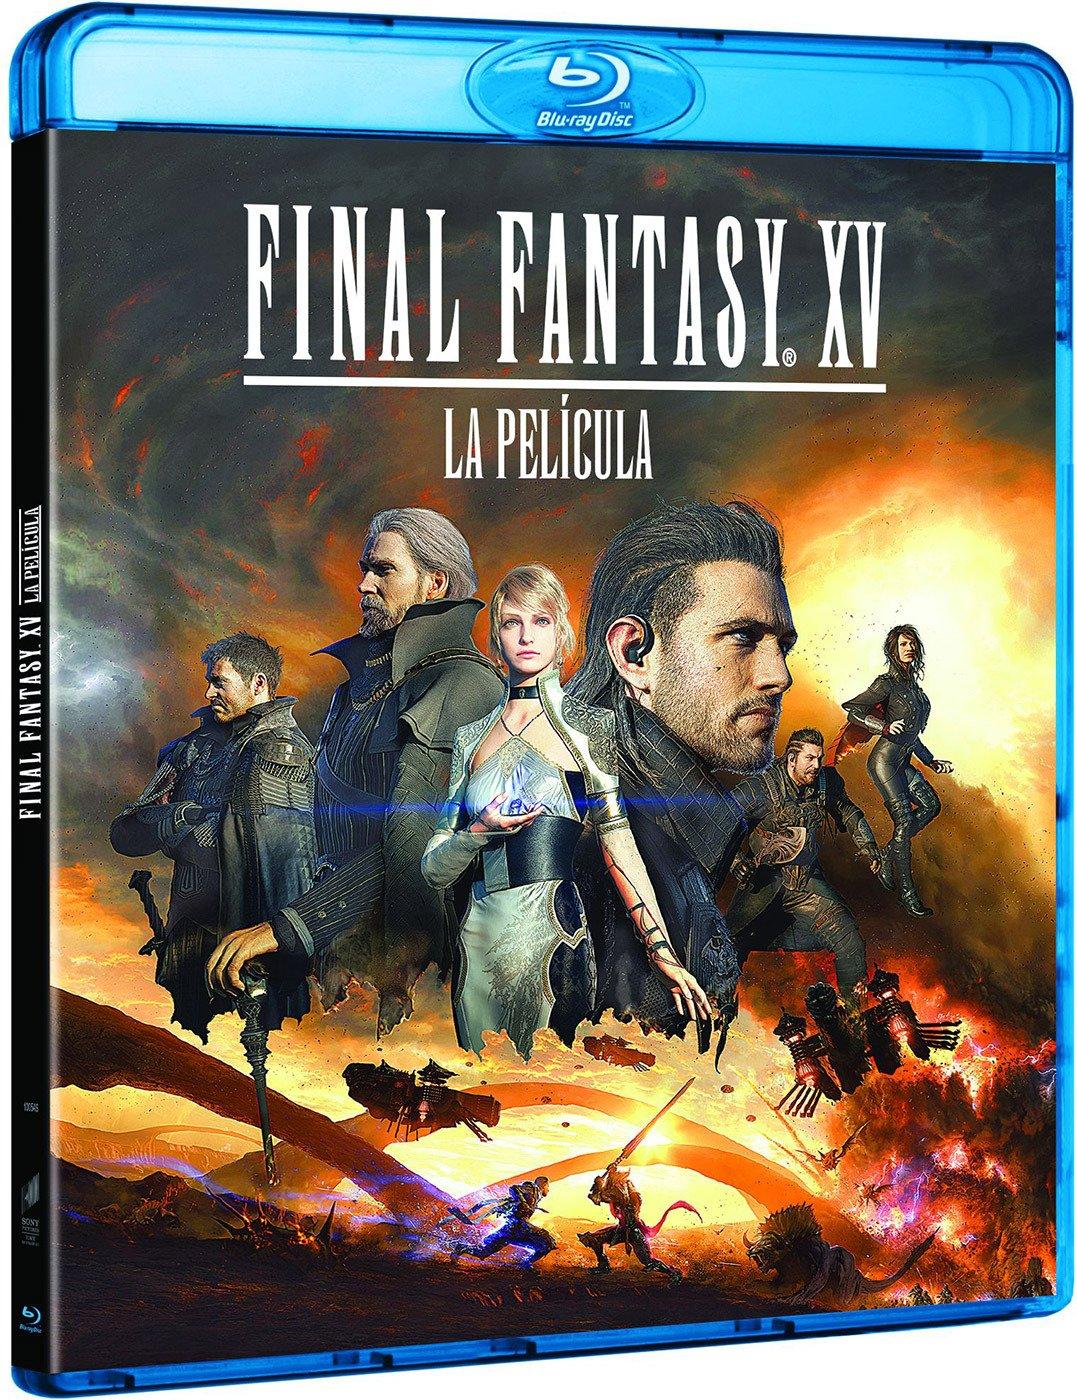 Final Fantasy XV: La Película [Blu-ray]: Amazon.es: Aaron Paul ...